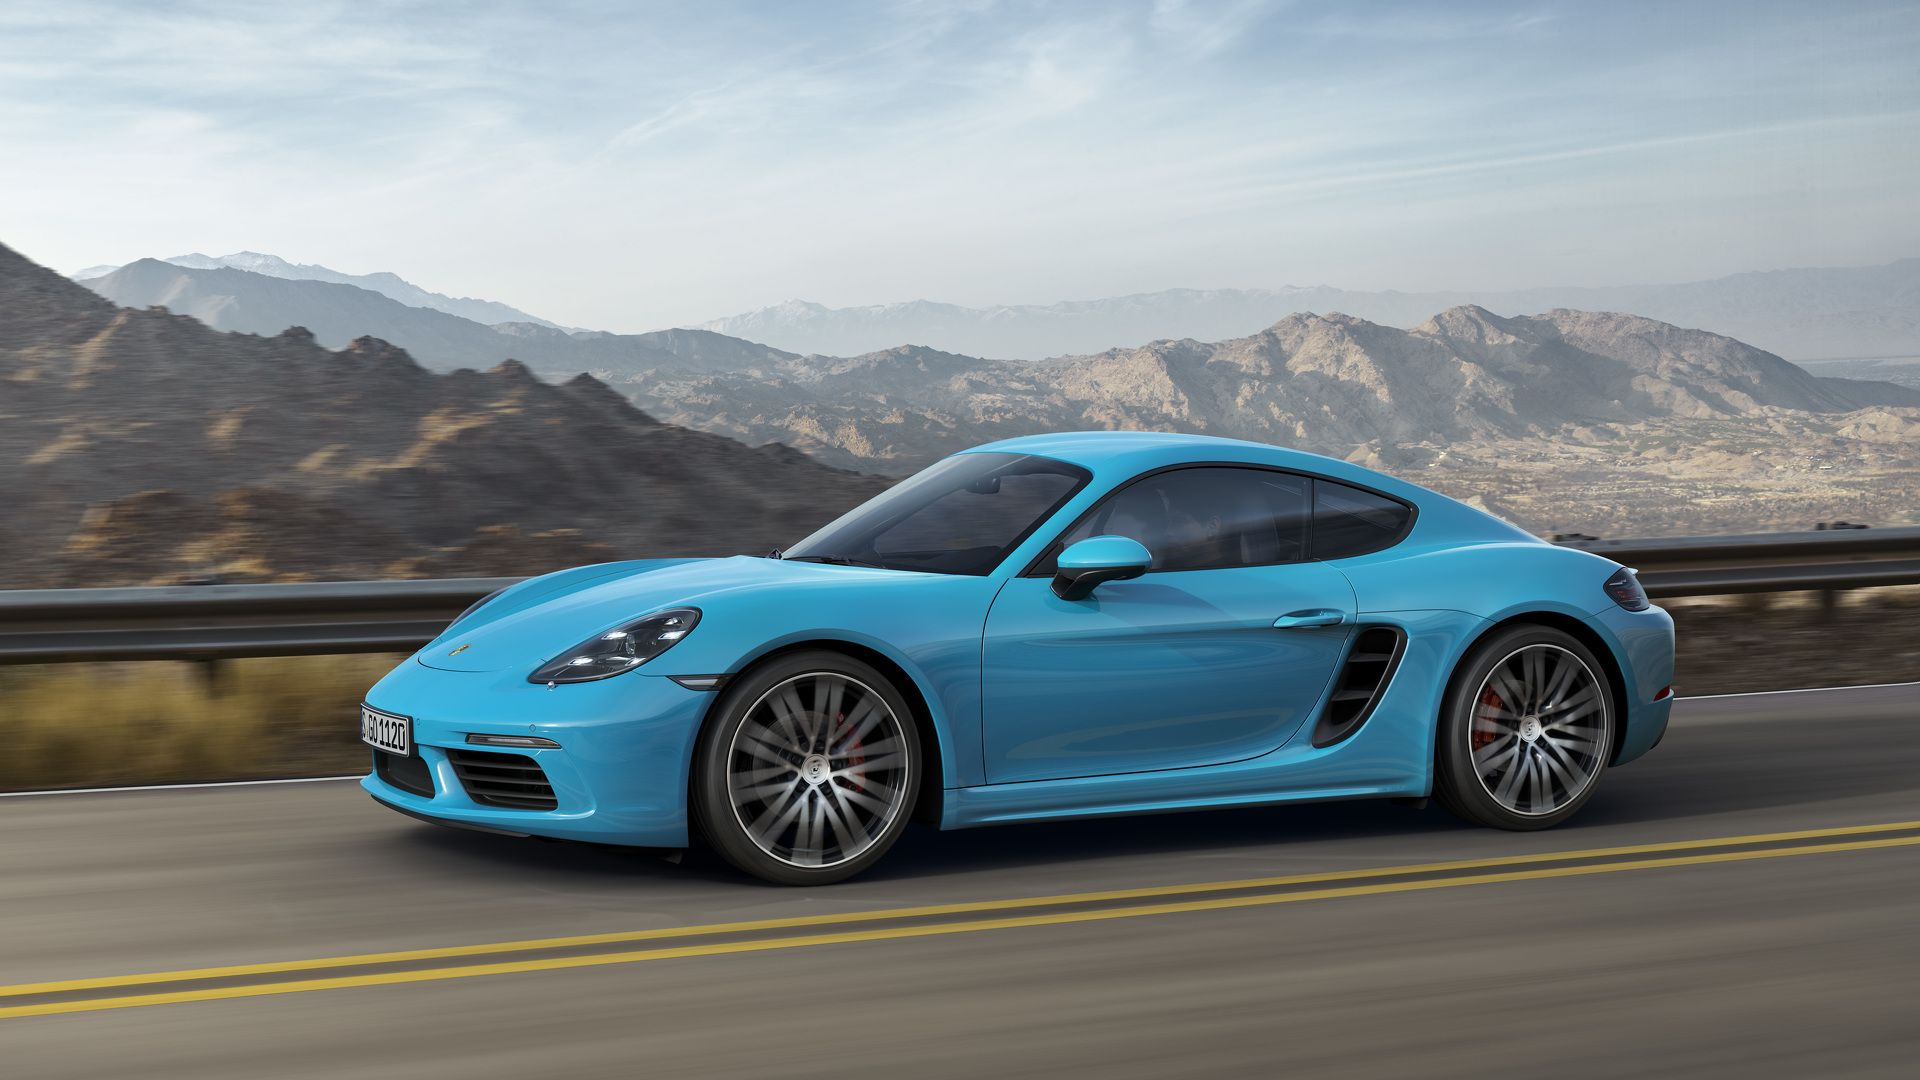 Porsche 718 Wallpapers Top Free Porsche 718 Backgrounds Wallpaperaccess